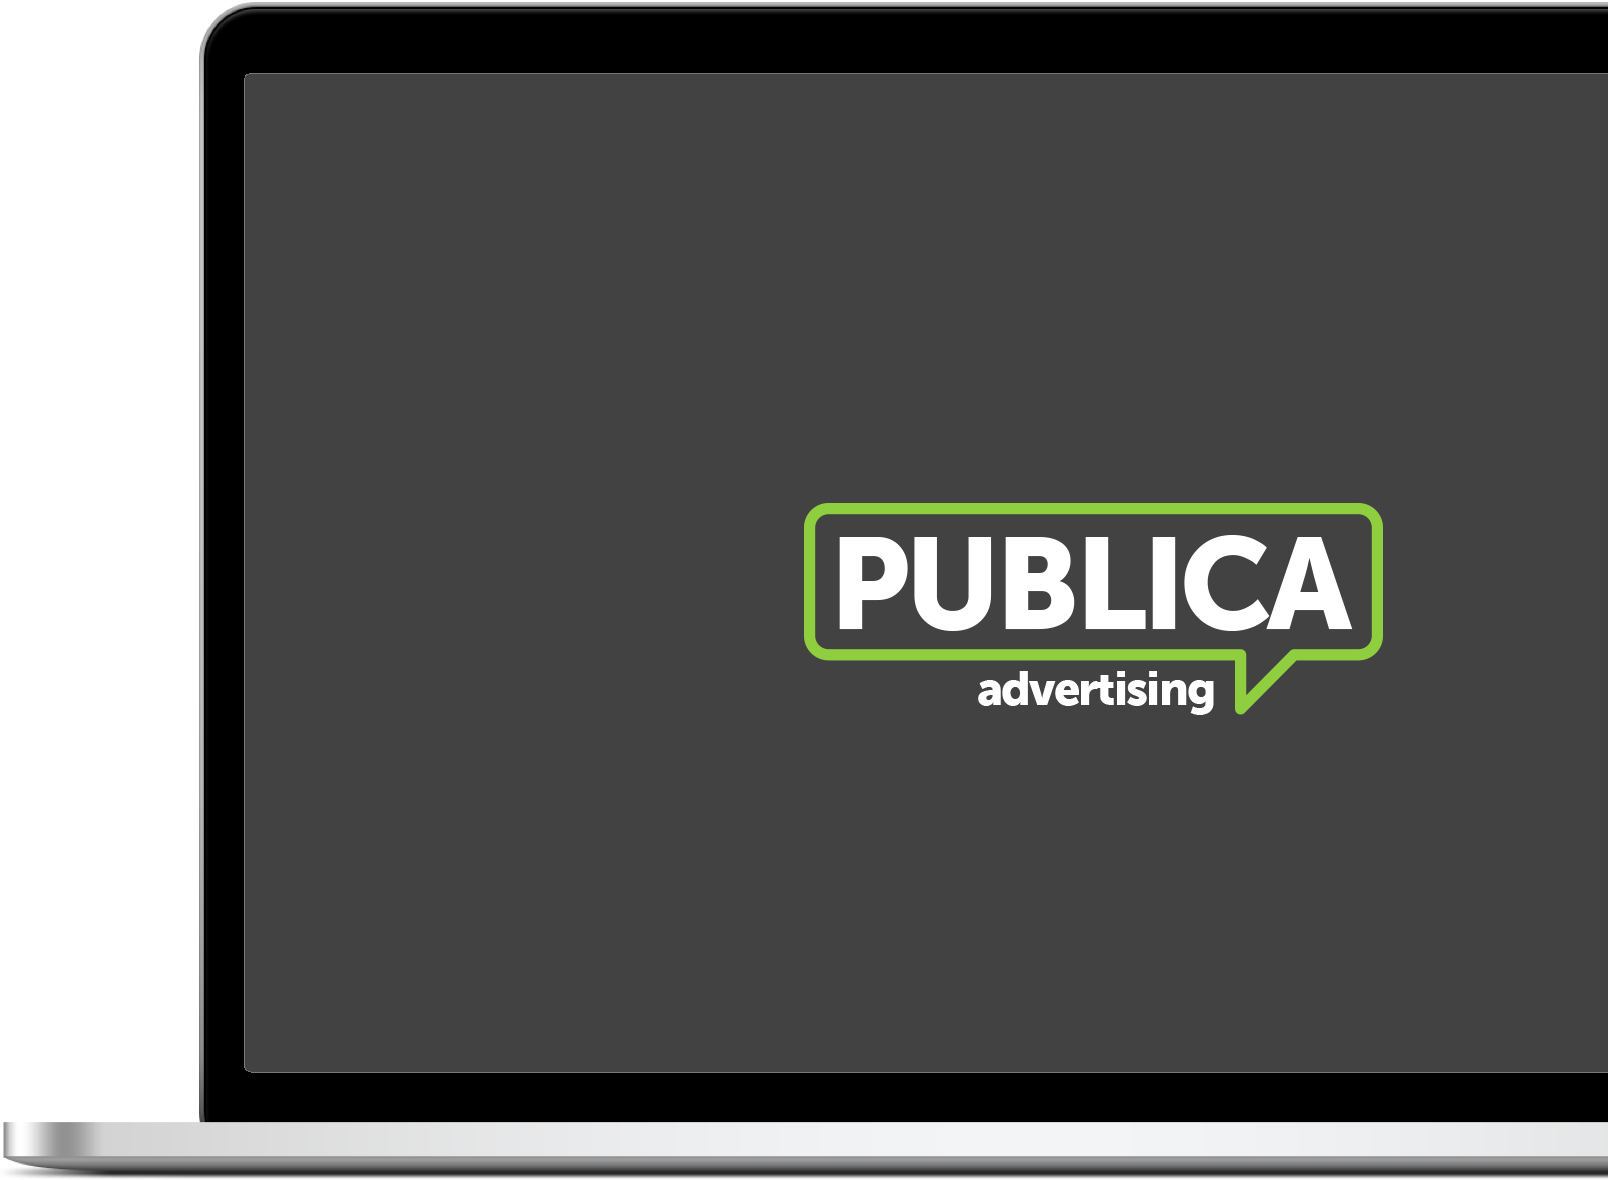 Próximamente Publica Advertising un Empresa de Traxion